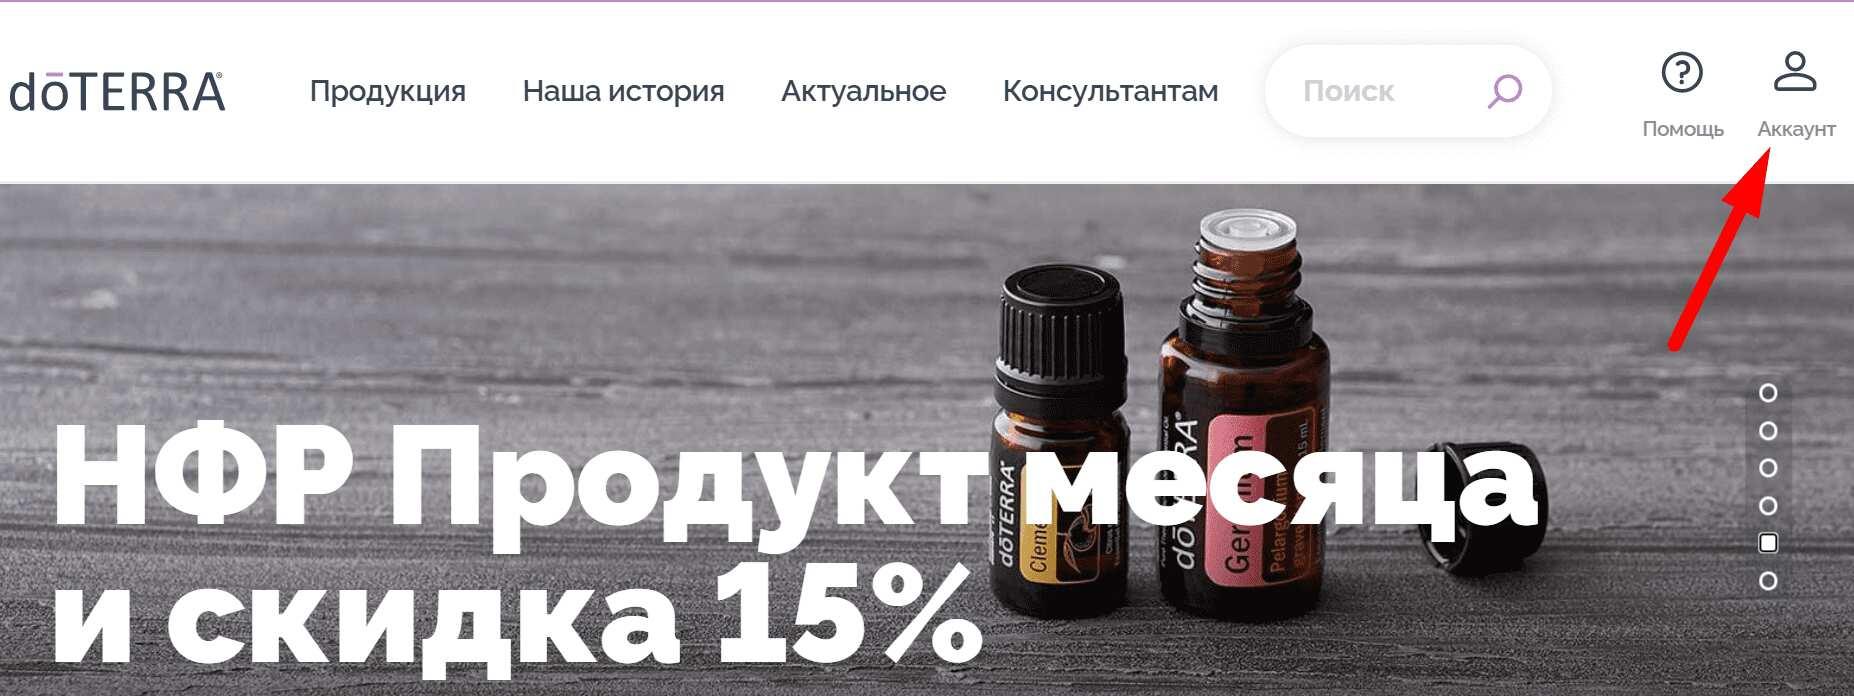 Официальный сайт производителя эфирных масел «Дотерра»